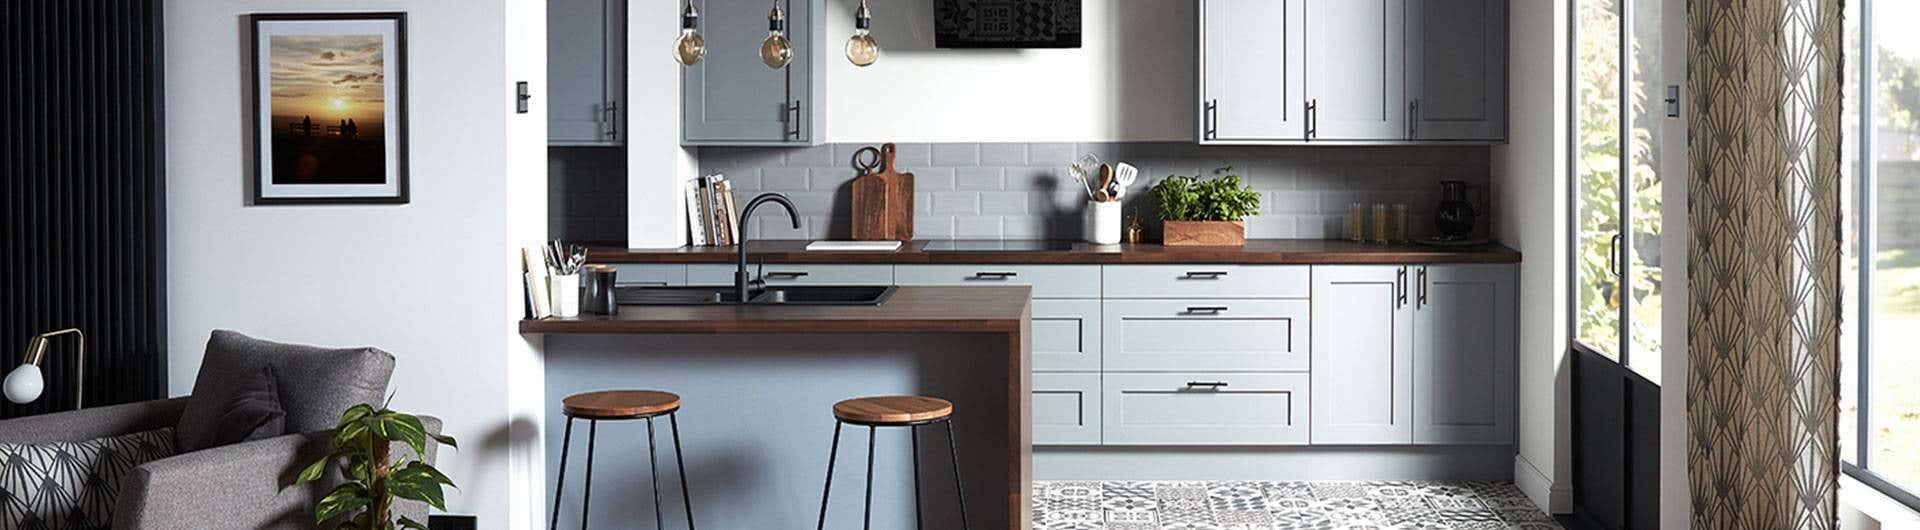 Living-ul și bucătăria open space